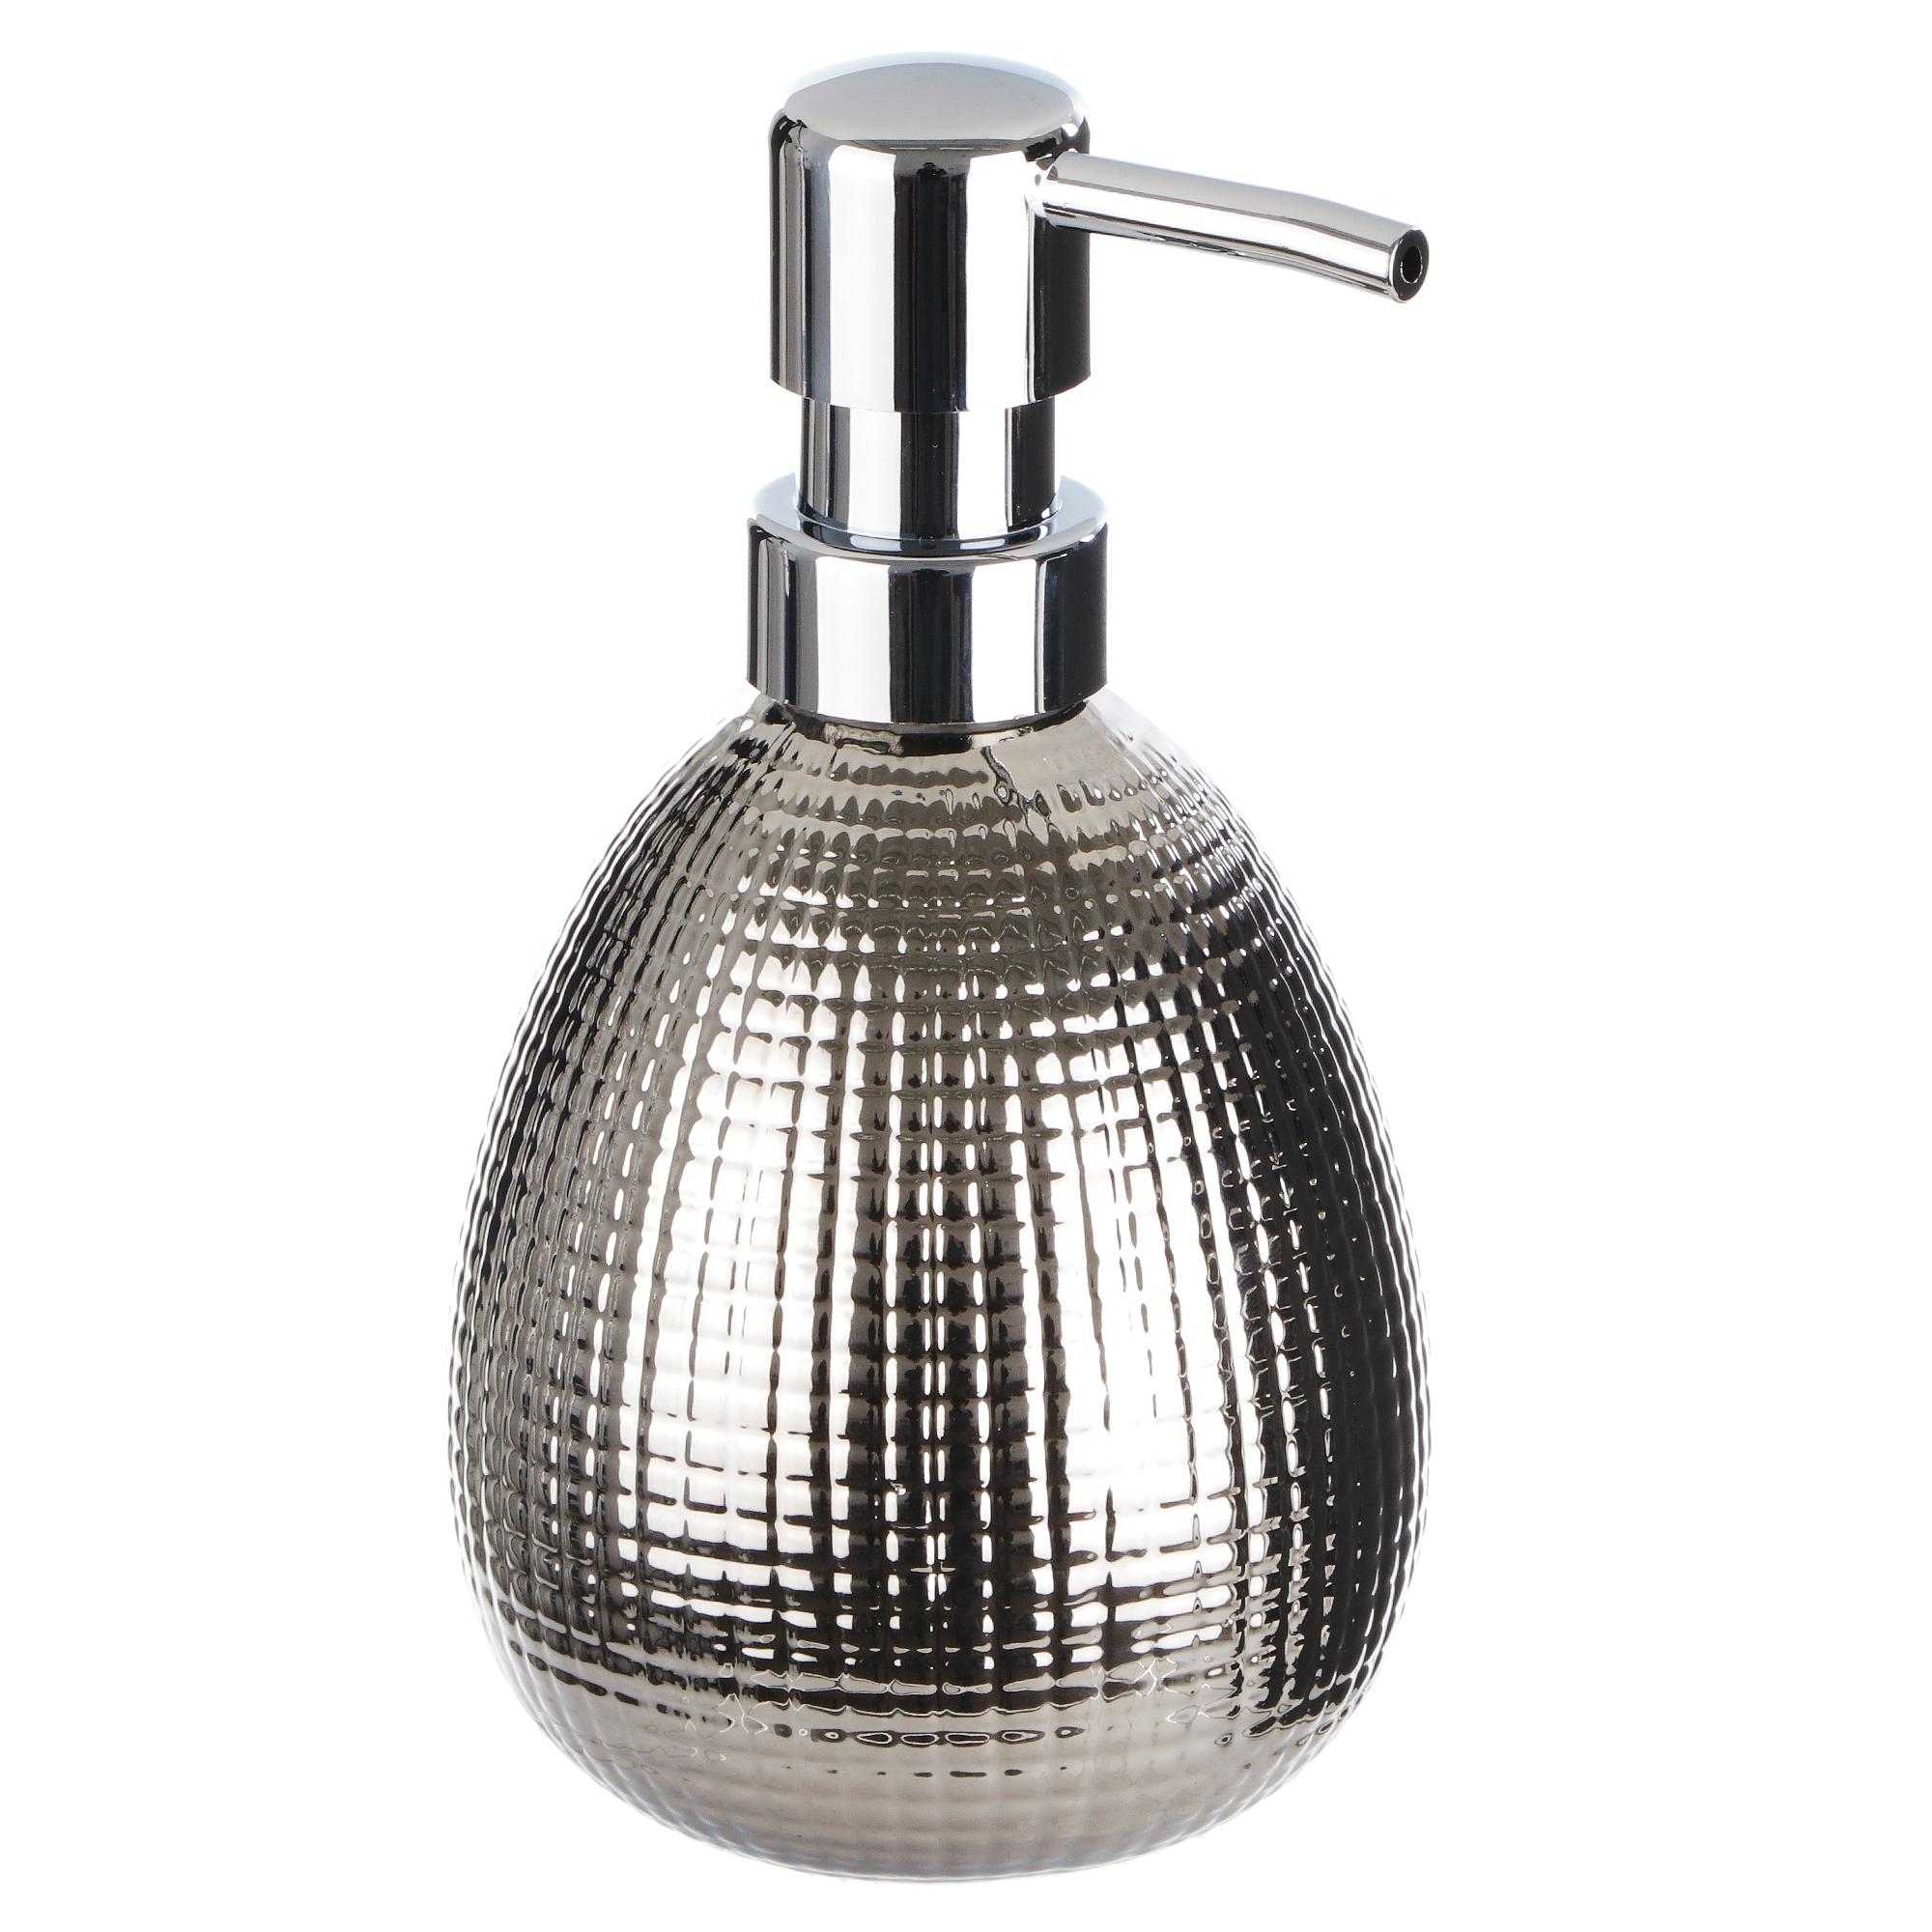 Дозатор для мыла Wenko sanitary polaris nodi хром дозатор для мыла wenko sanitary goa бежевый